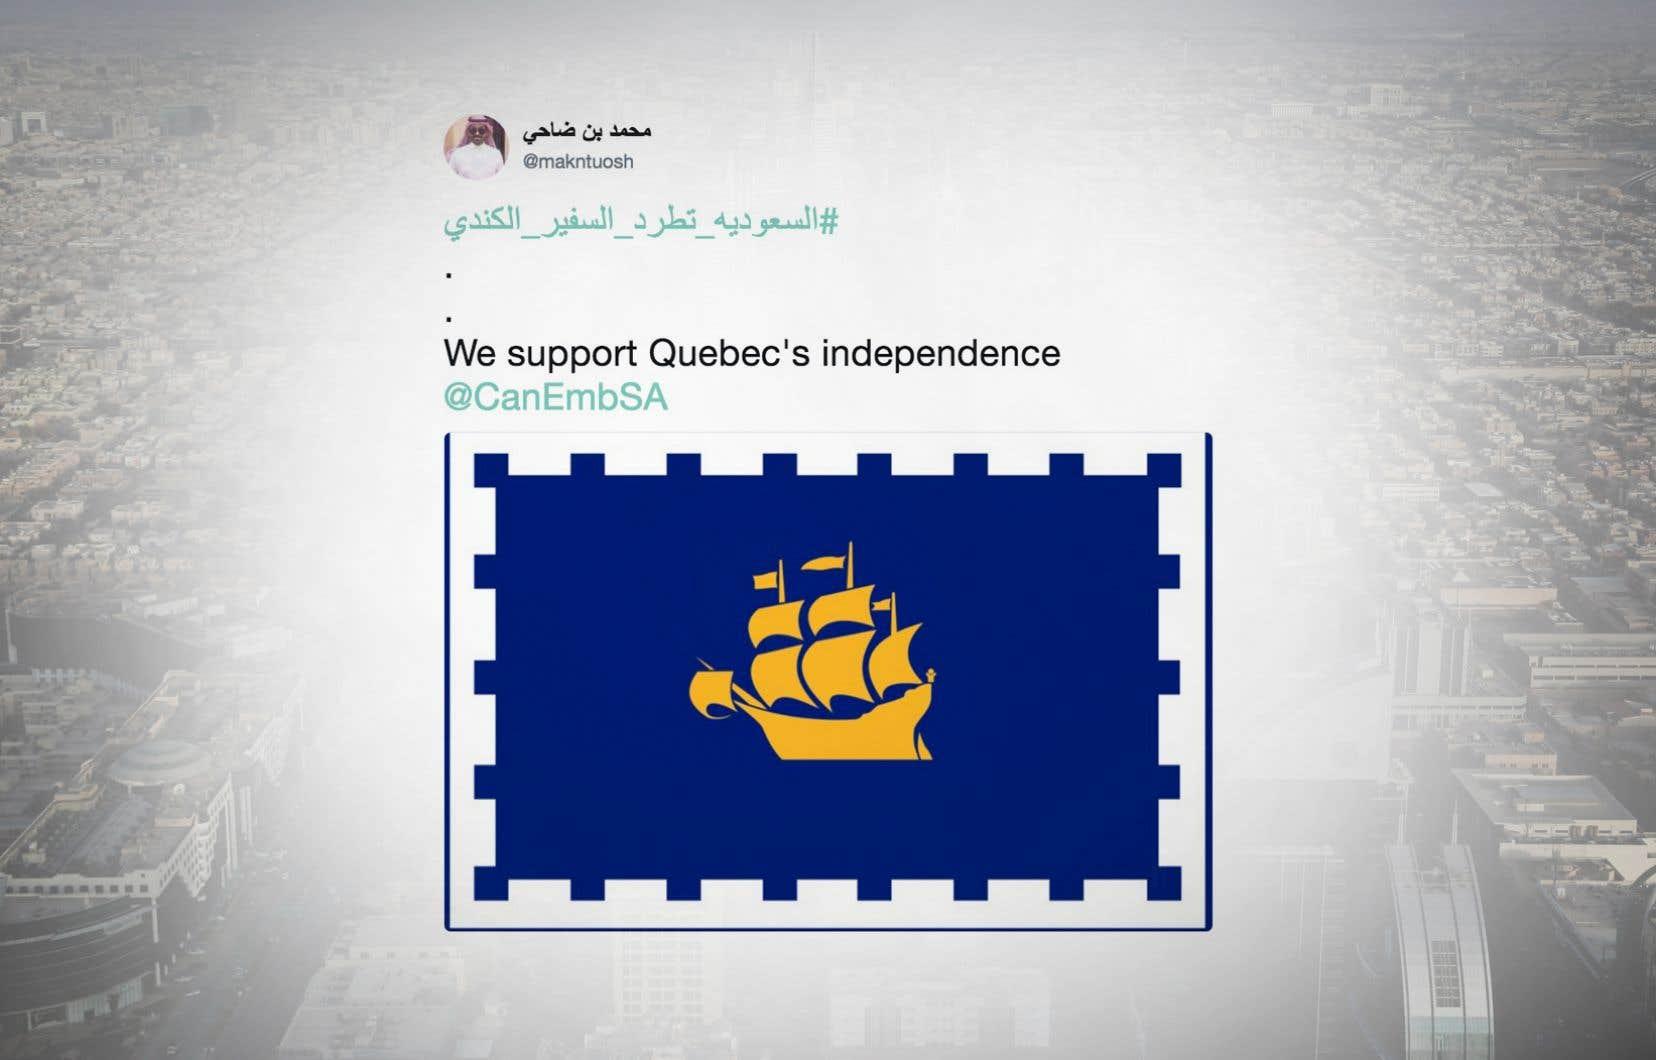 Un des messages a été affiché avec le drapeau de la ville de Québec plutôt que le fleurdelisé.